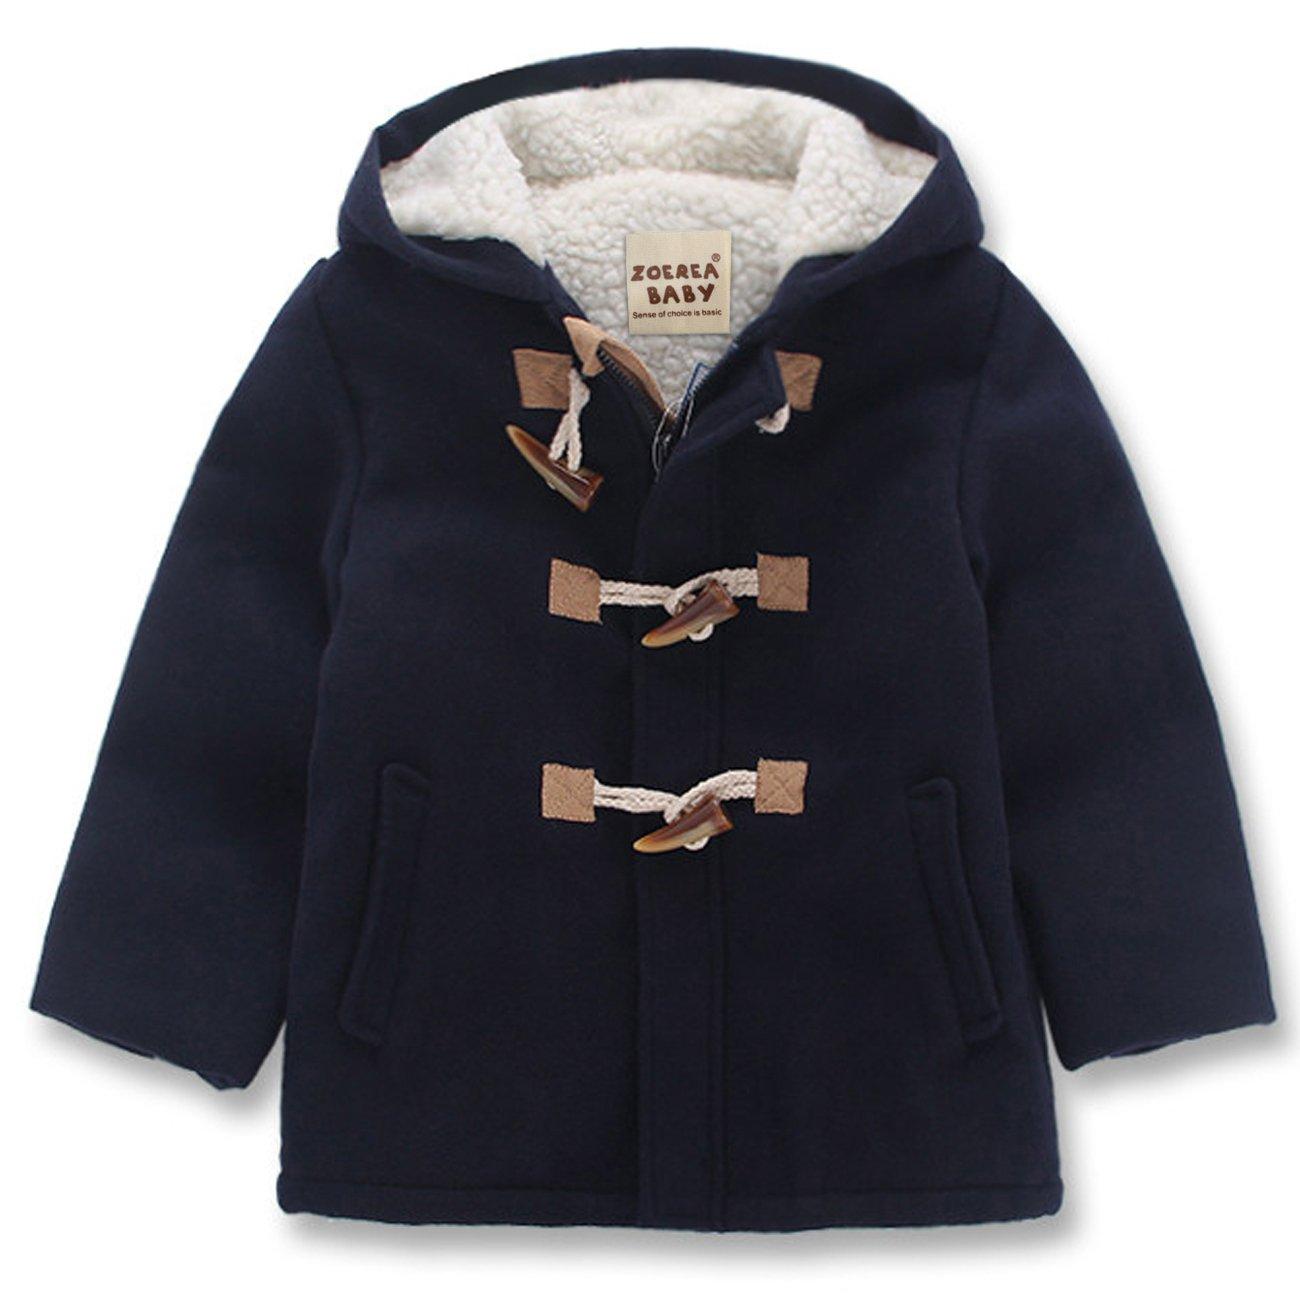 ZOEREA Manteau Coat Hiver pour Garçon à Capuche Blouson Epaisse Chaud Hoodies YS2219